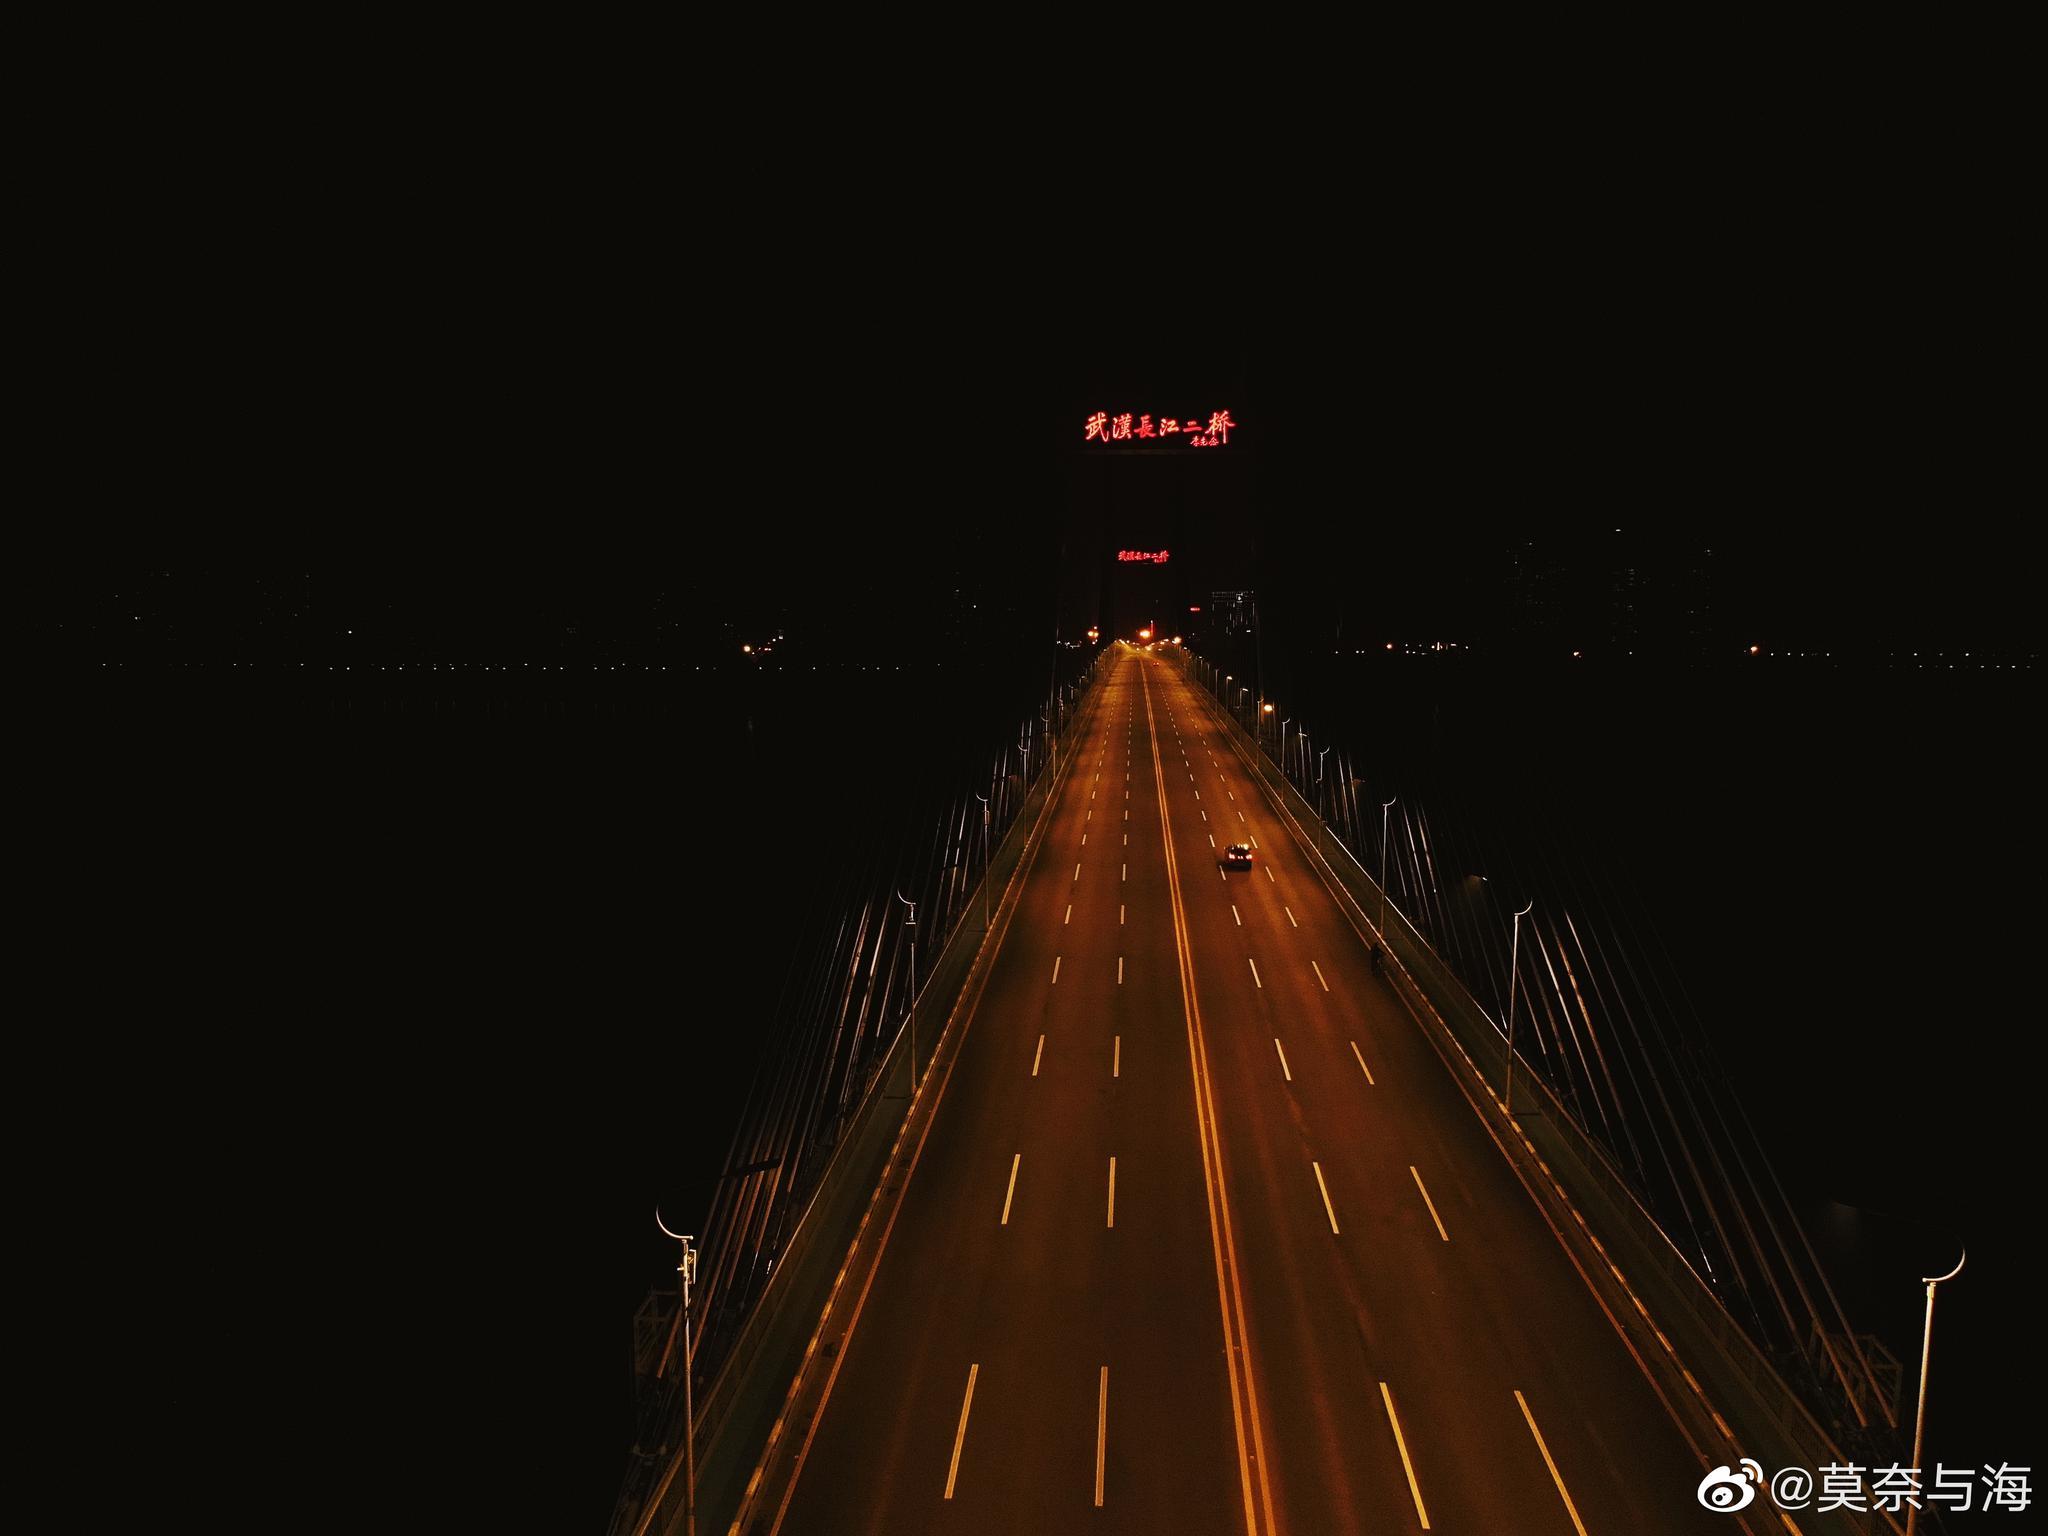 华为徐直军:2020年是最艰难的一年